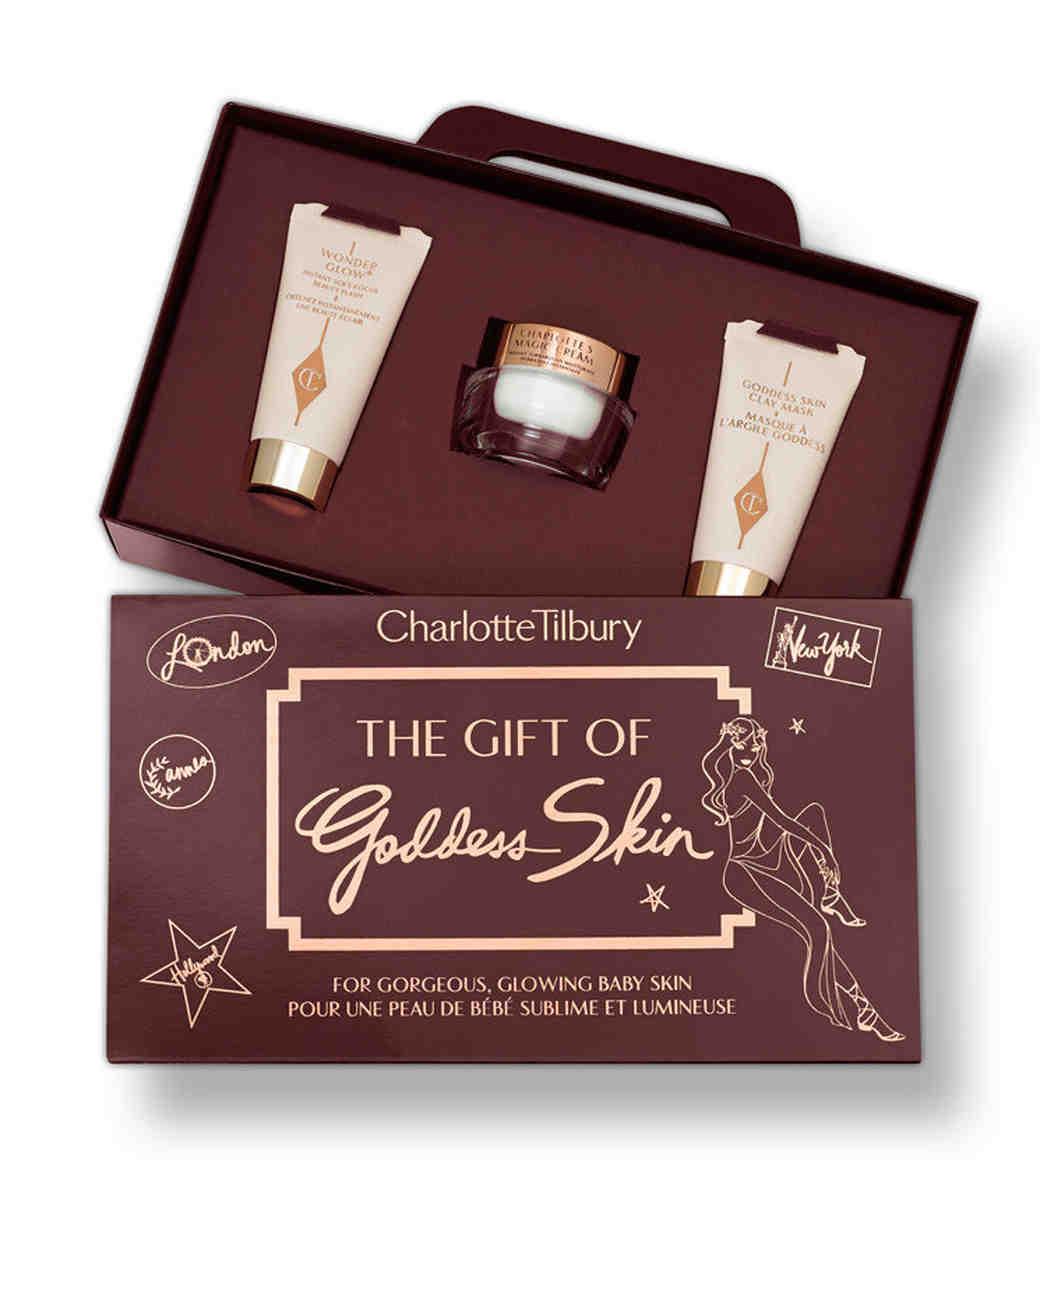 Charlotte Tilbury Gift of Goddess Skin Set